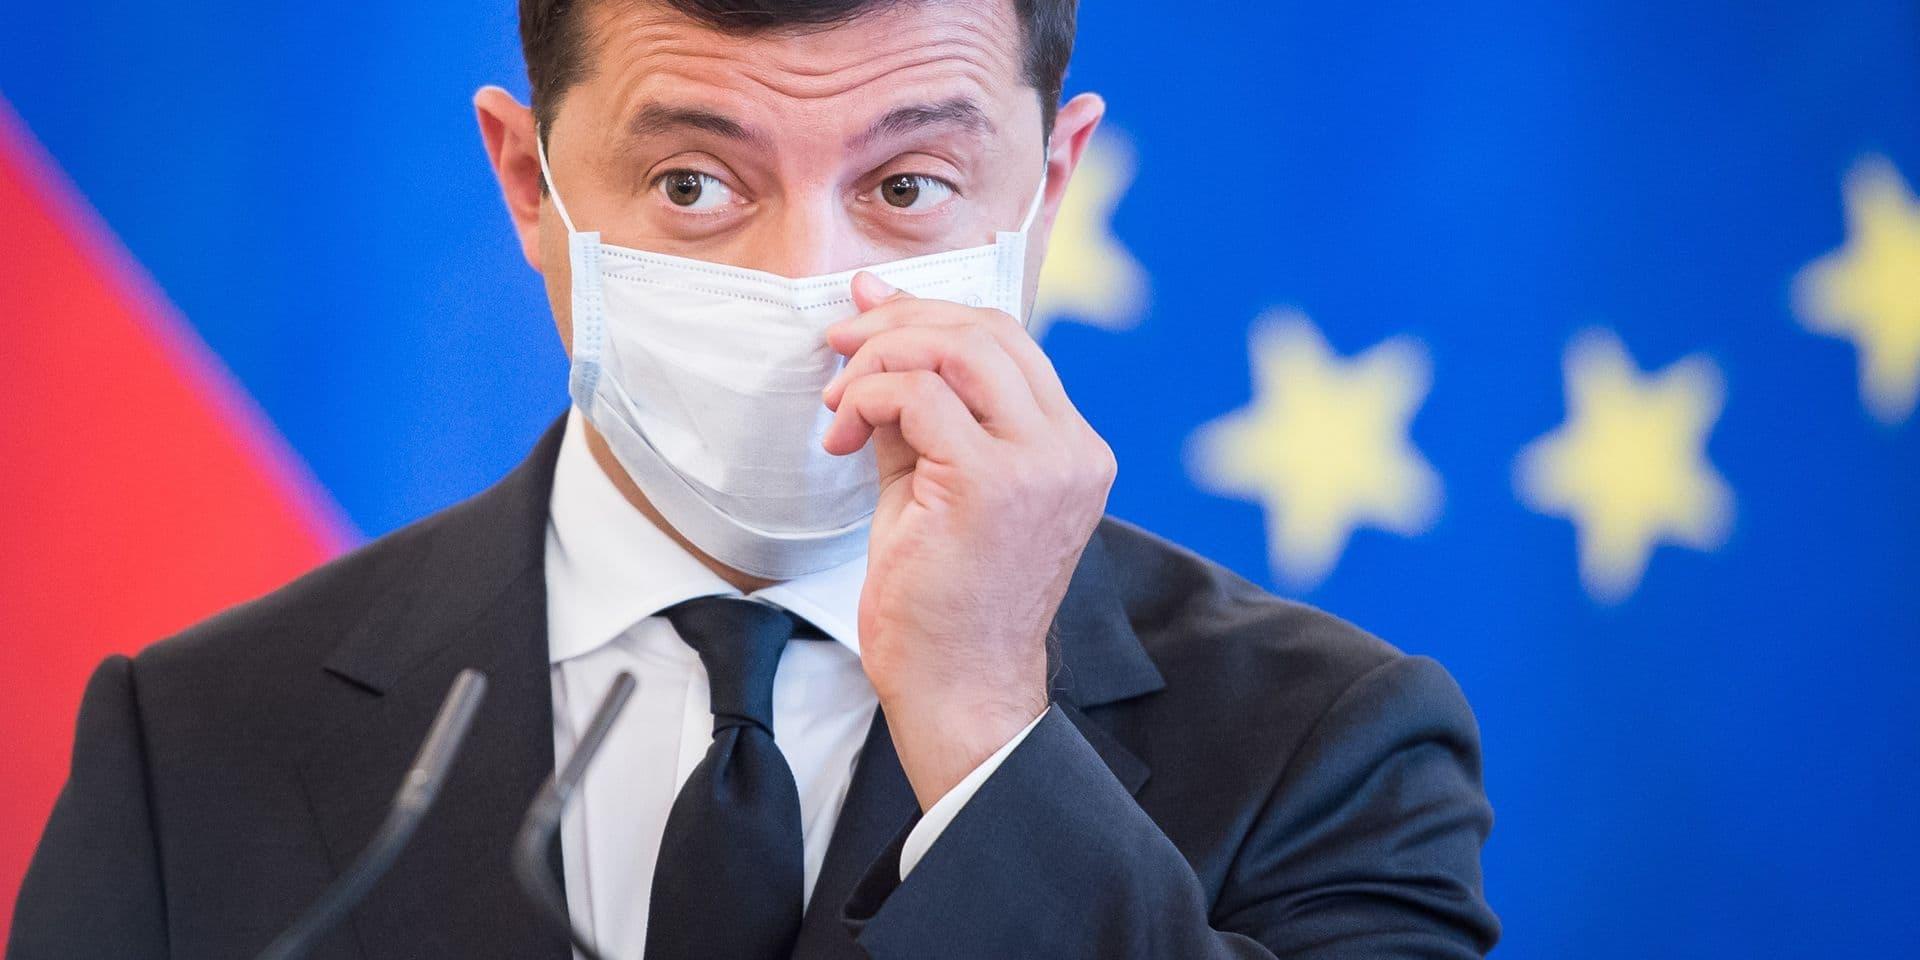 Entre l'Union européenne et l'Ukraine, le désamour?